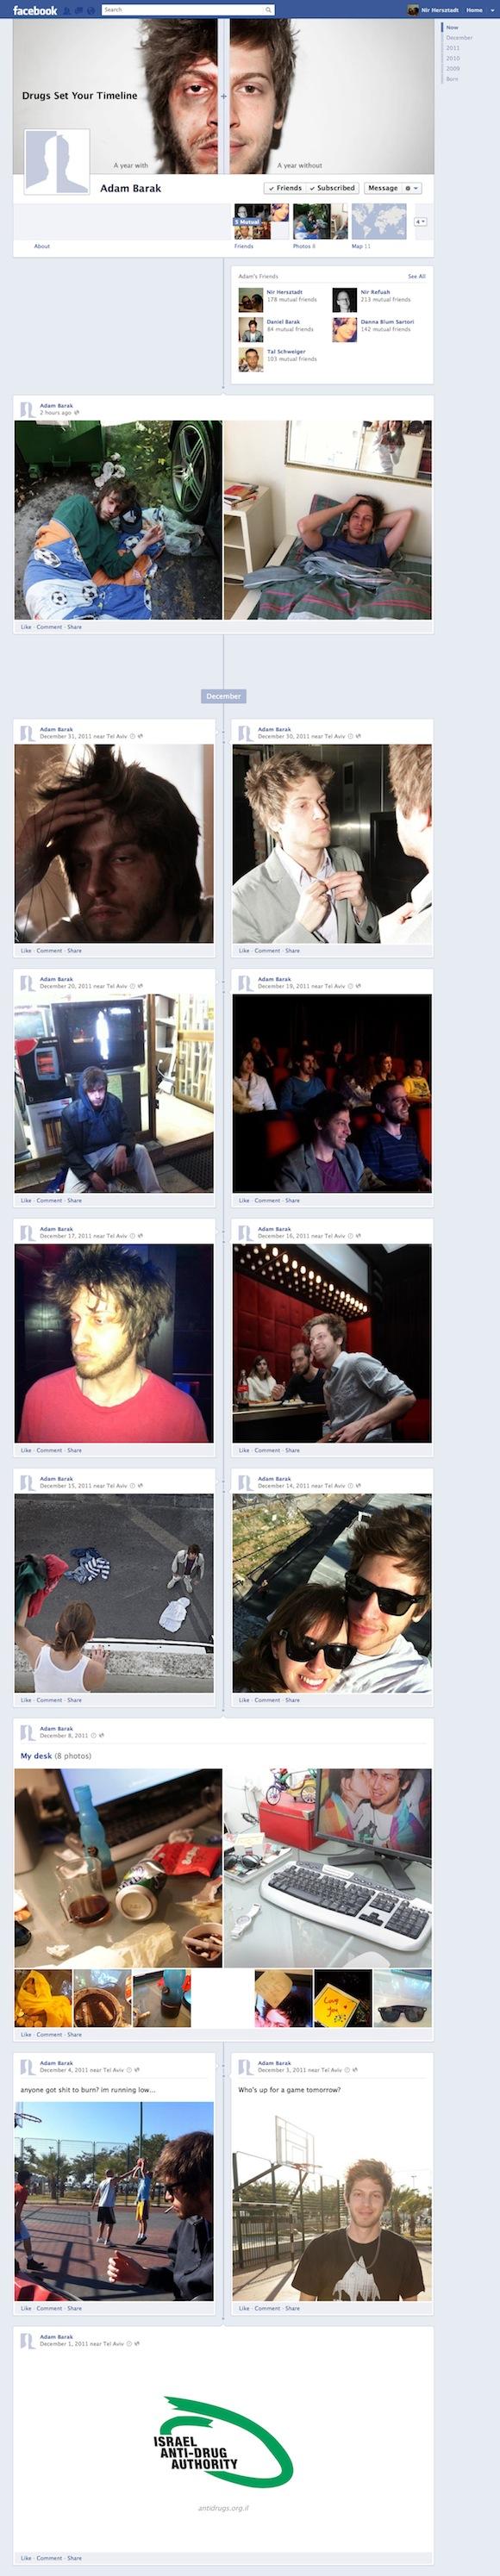 Campaña anti drogas con el Timeline de Facebook